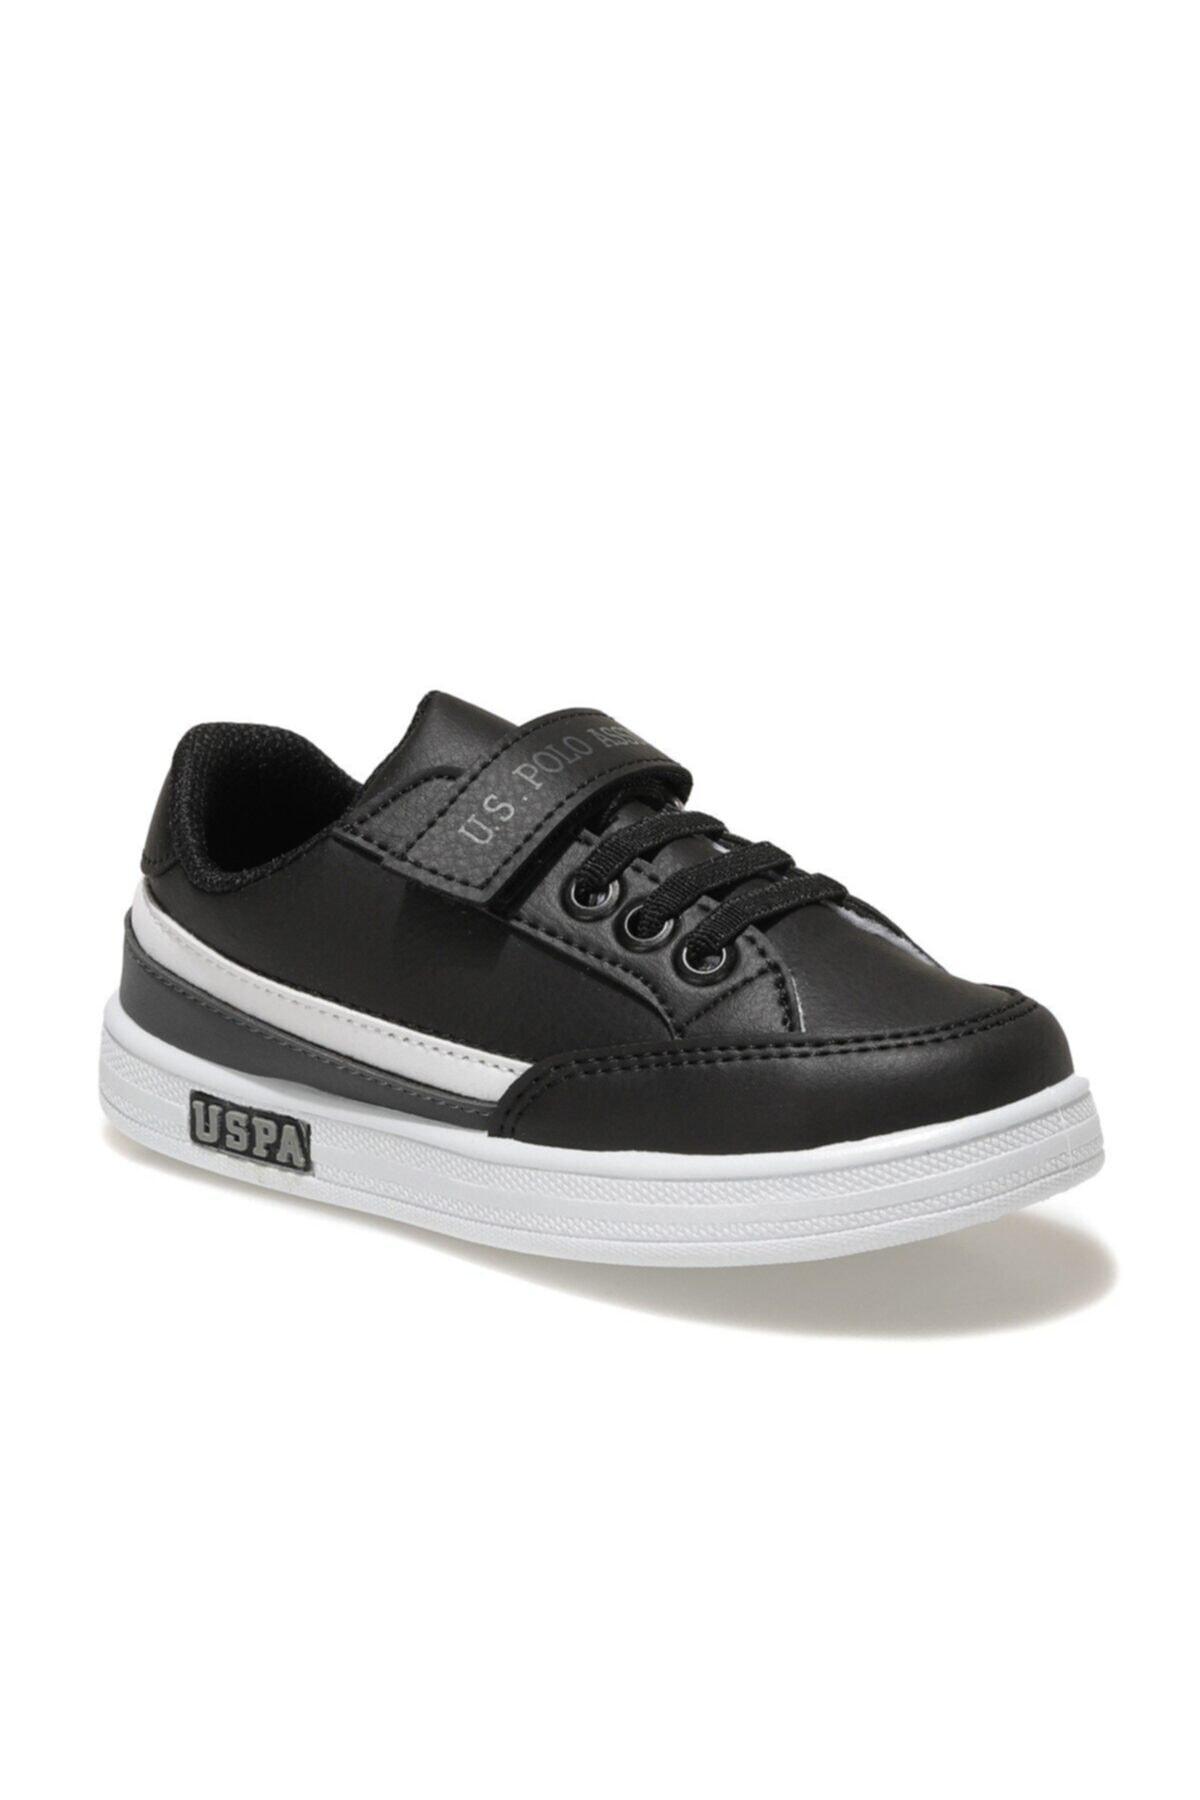 JAMAL 1FX Siyah Erkek Çocuk Sneaker Ayakkabı 100911029